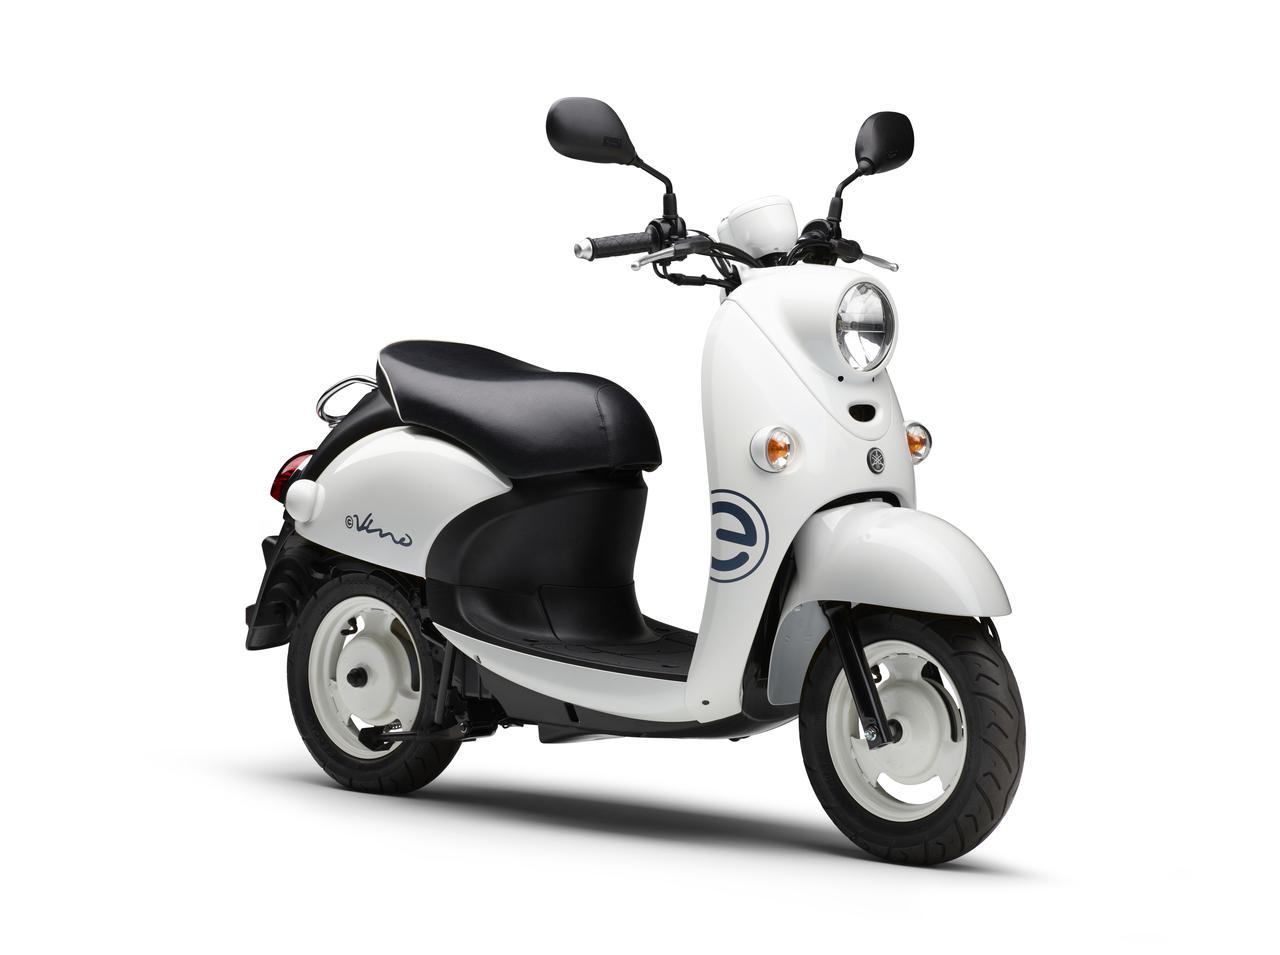 画像5: ヤマハが電動スクーター「E-Vino」(イービーノ)の2021年モデルを発売! 初のカラーチェンジでイメージを一新